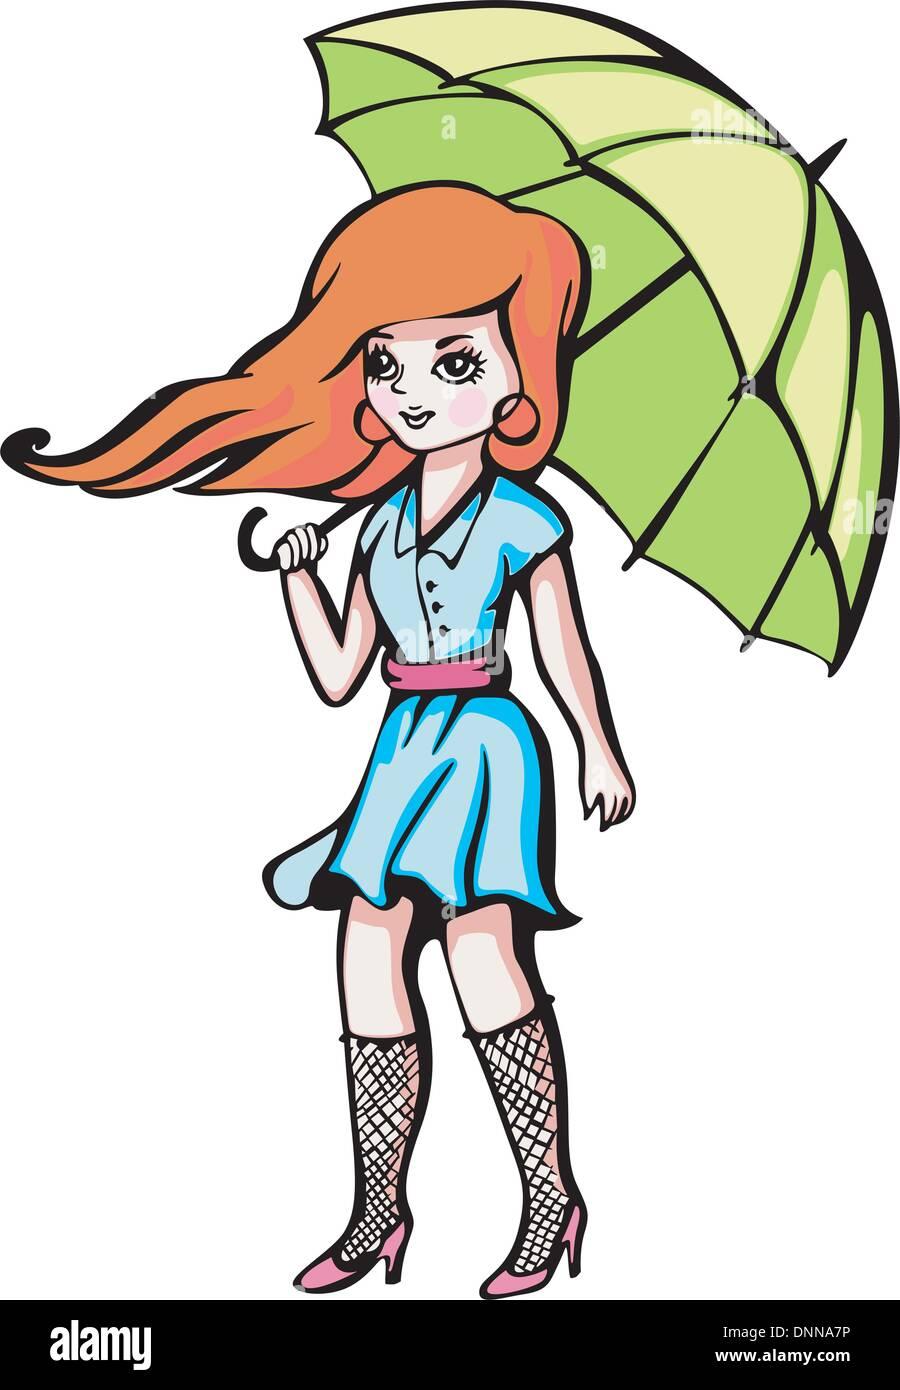 Jeune fille avec un parapluie. Illustration vecteur de couleur. Photo Stock